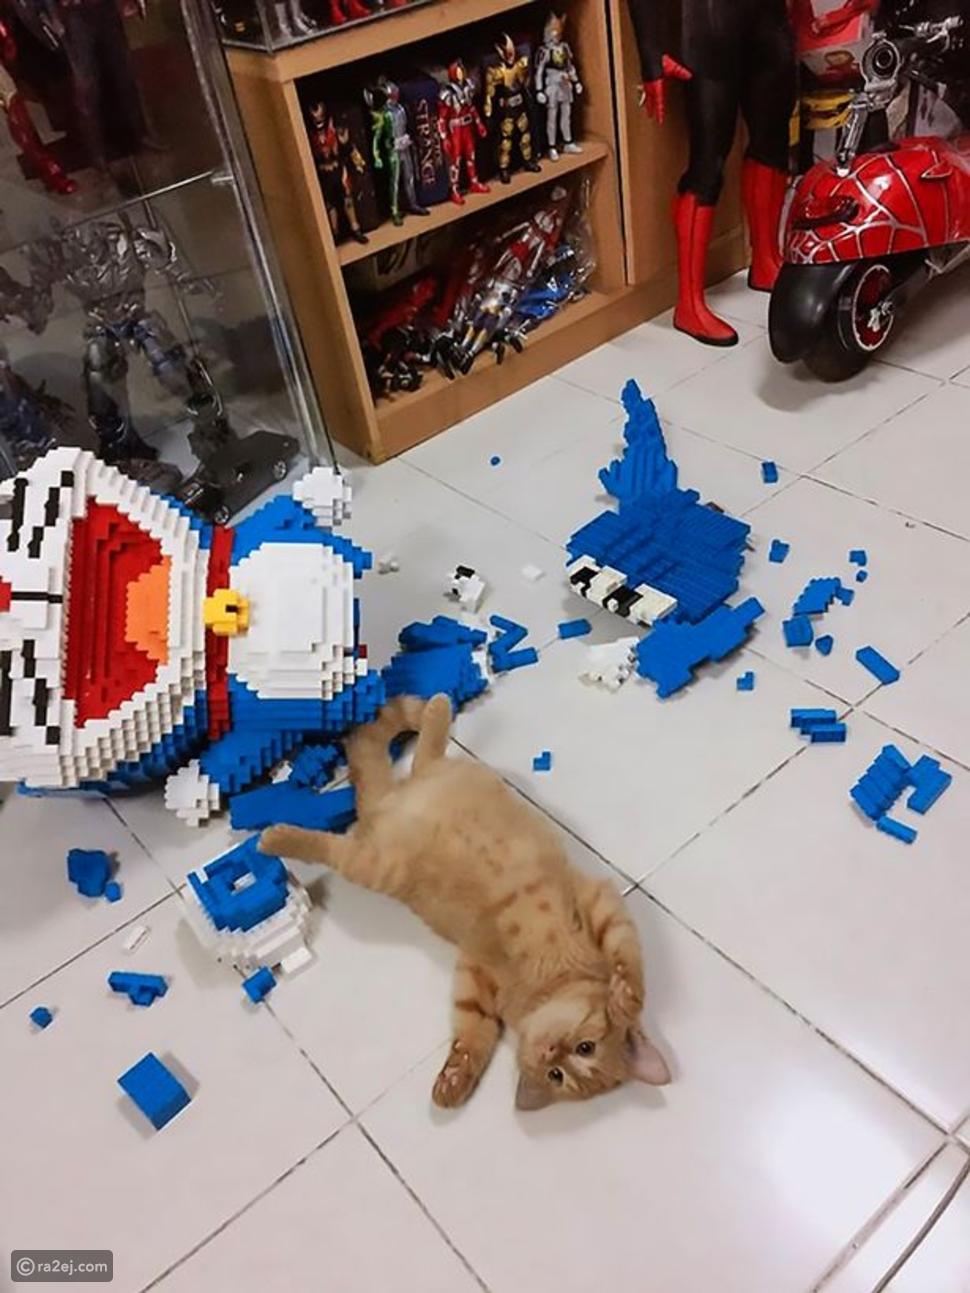 رجل يقضي أسبوعاً في بناء نموذج من 2232 قطعة وقطته تدمره في ثوانِ